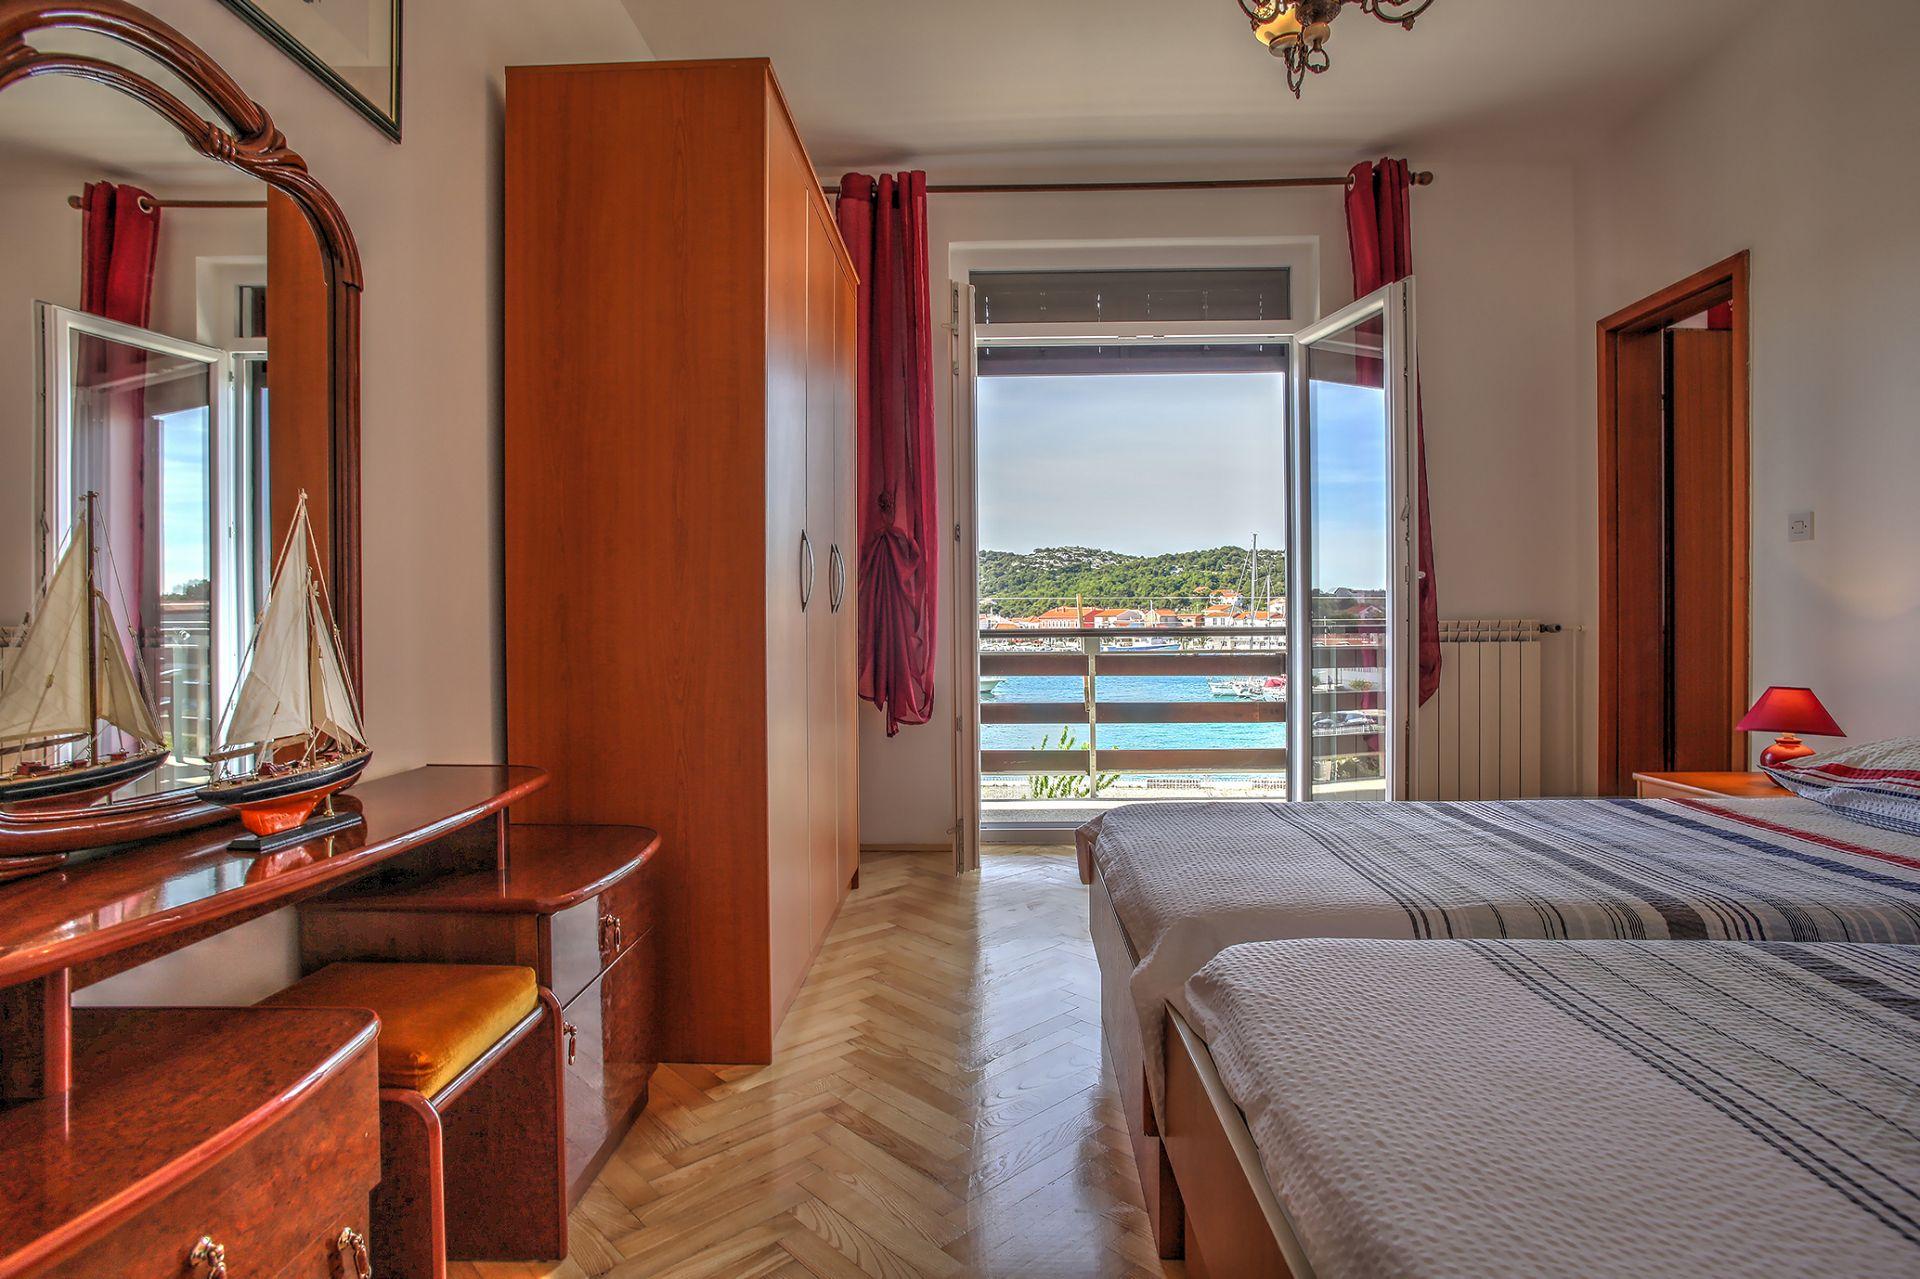 5409 - Jezera - Apartments Croatia - A1(2+1): bedroom